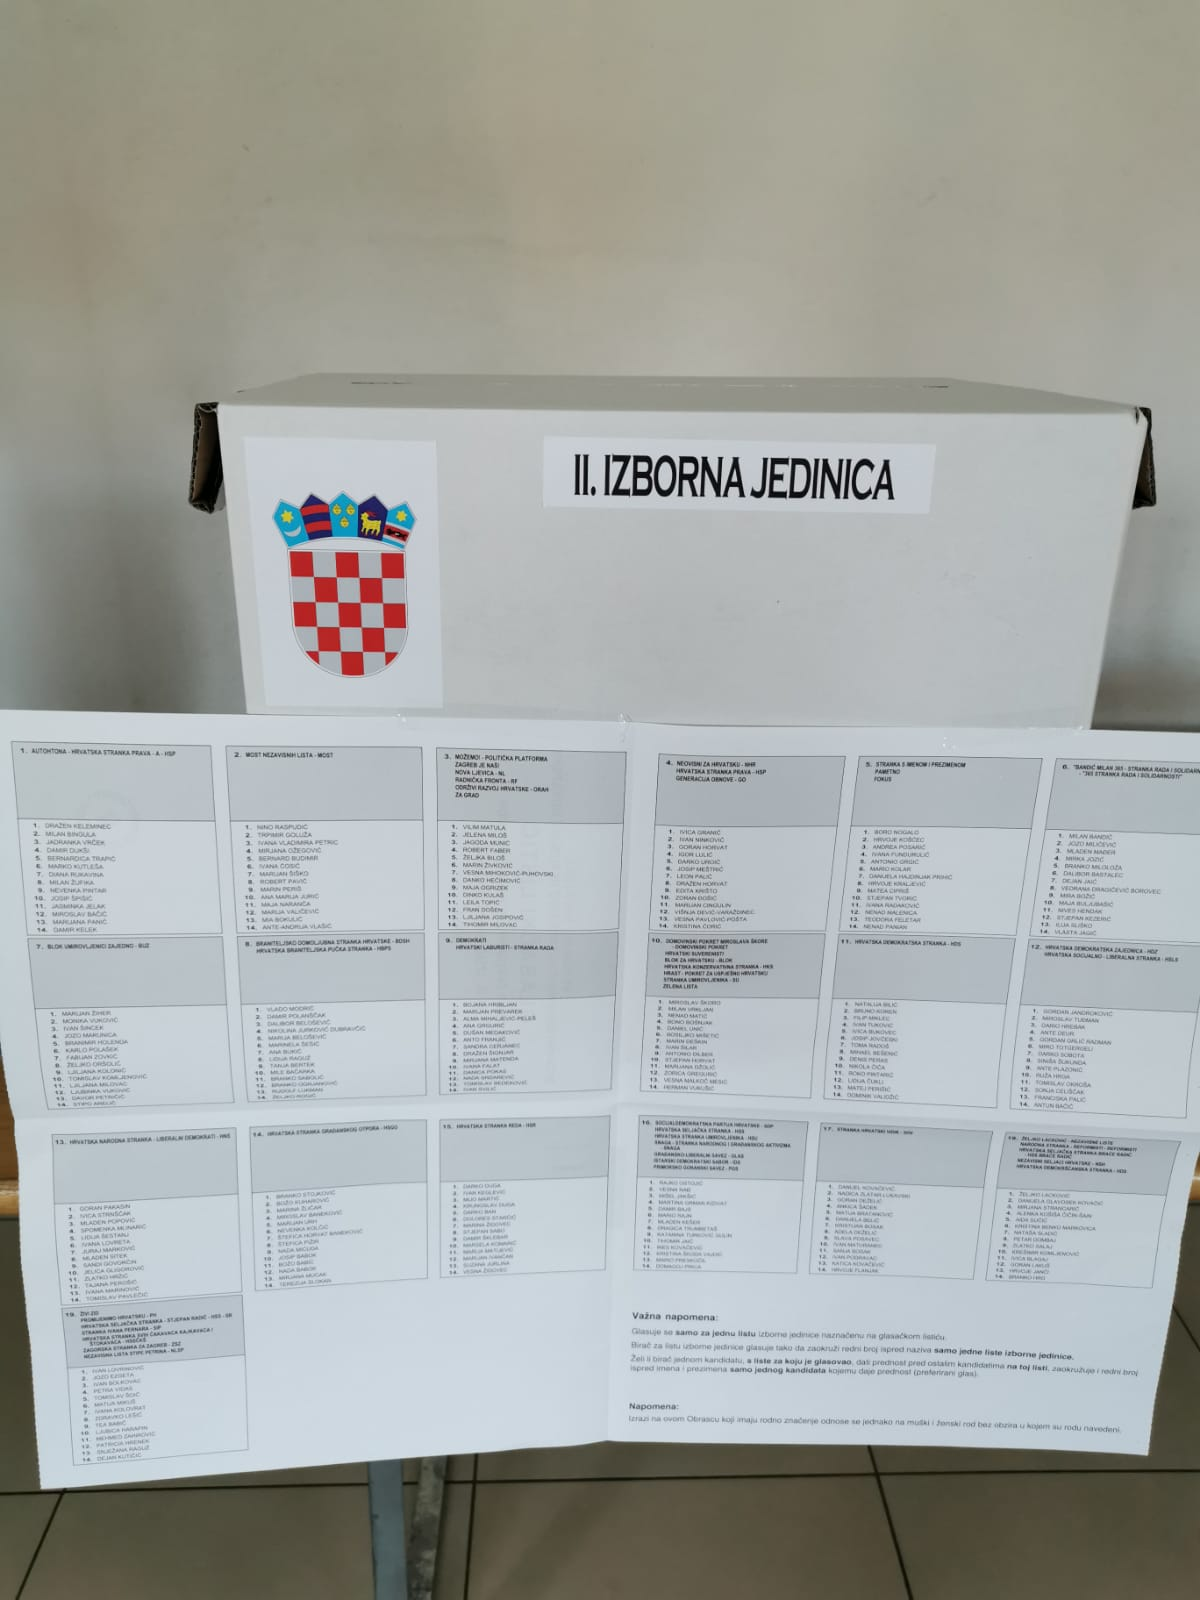 REZIME IZBORA Šest mandata za HDZ u drugoj izbornoj jedinici, Restartu tek četiri